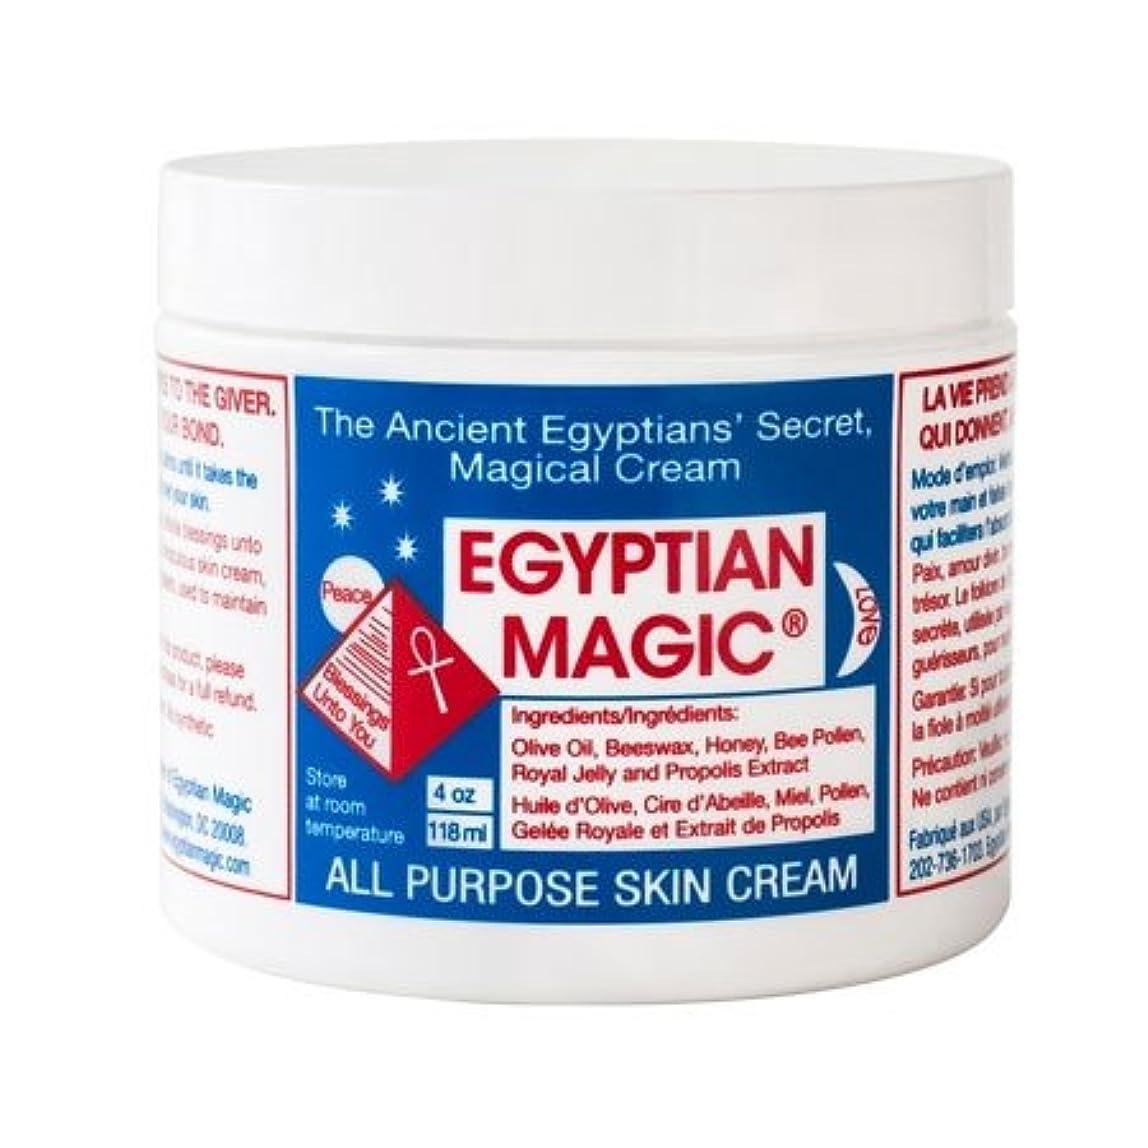 びっくりした衣類免疫エジプシャンマジック エジプシャン マジック クリーム 118ml 海外仕様パッケージ